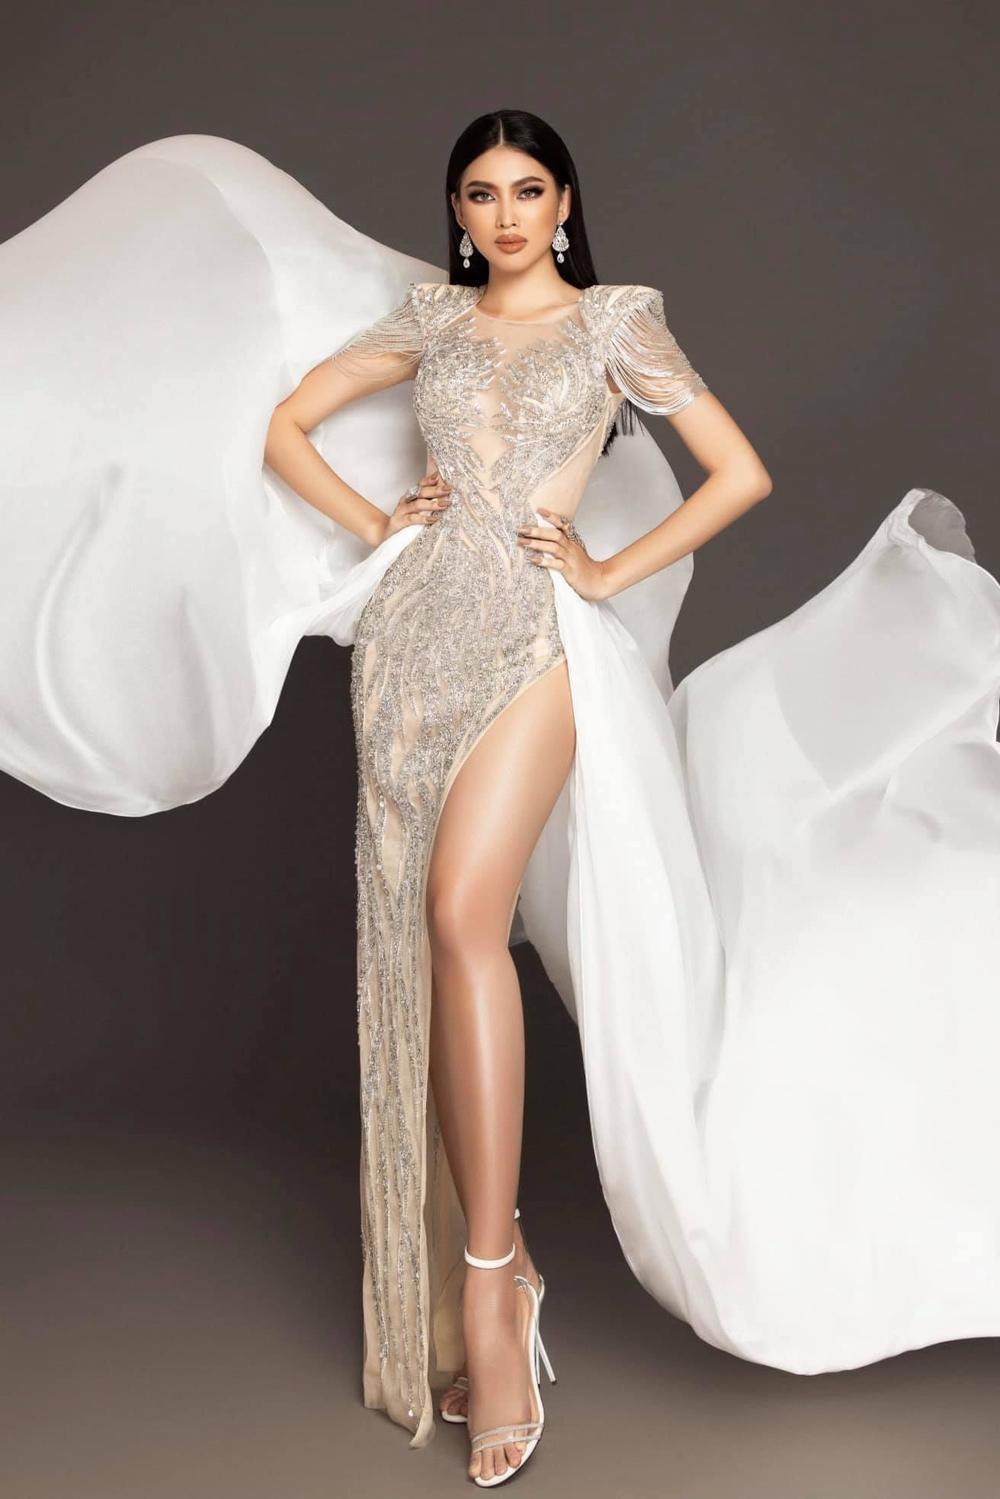 Ngọc Thảo về Việt Nam sau 1 tháng chinh chiến Miss Grand, bắt đầu cách ly 21 ngày tại Đà Nẵng Ảnh 3